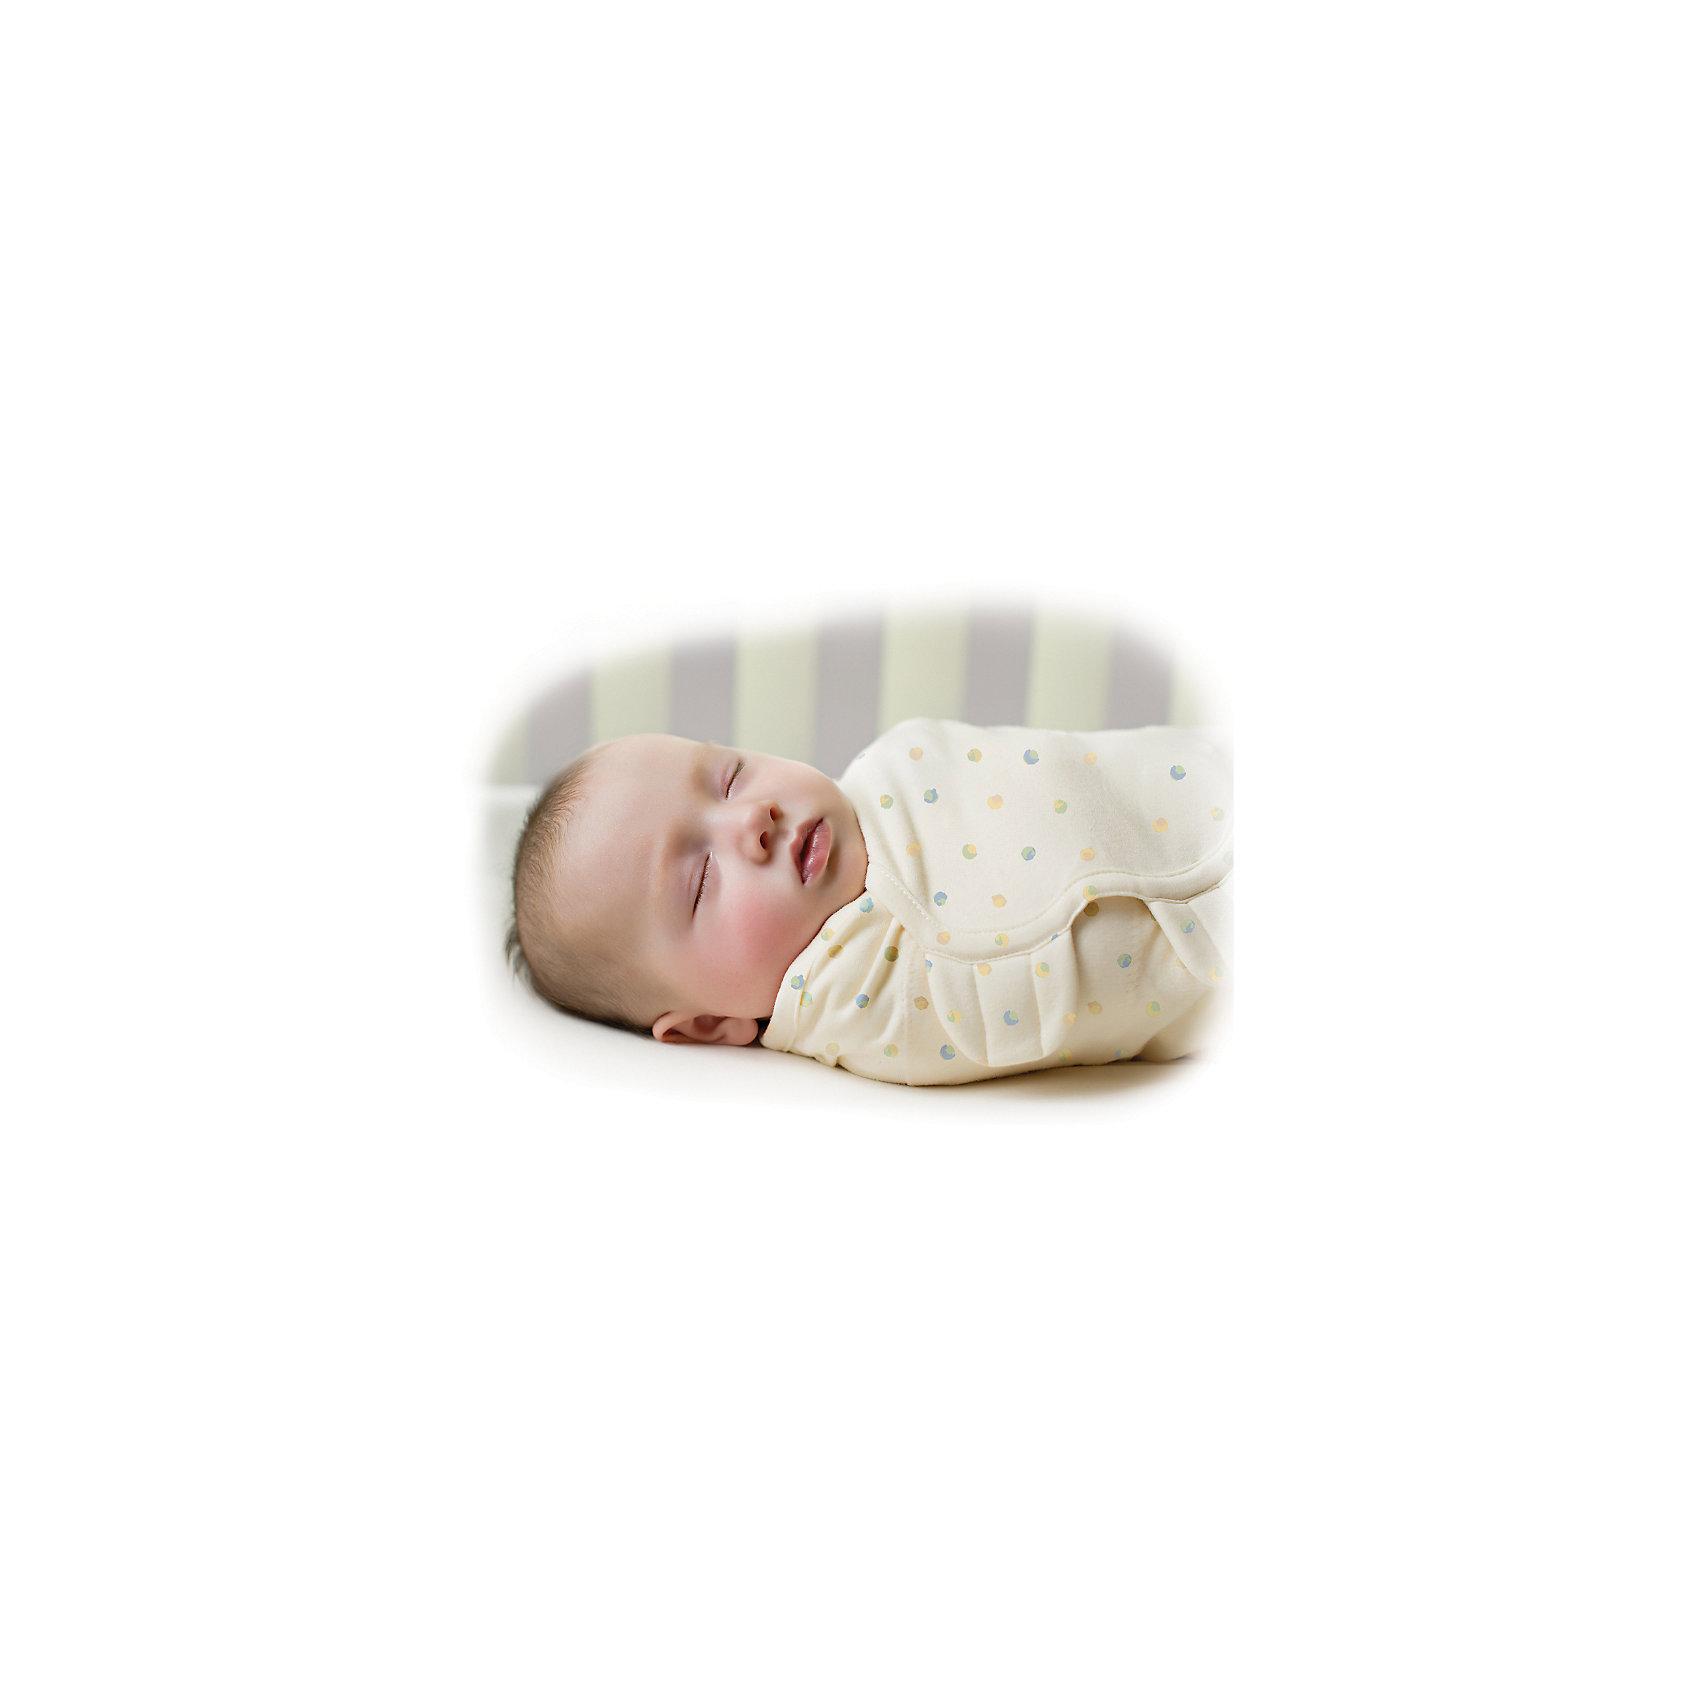 Конверт для пеленания на липучке, SWADDLEME® ORGANIC, р-р S/M, кремовый в точку